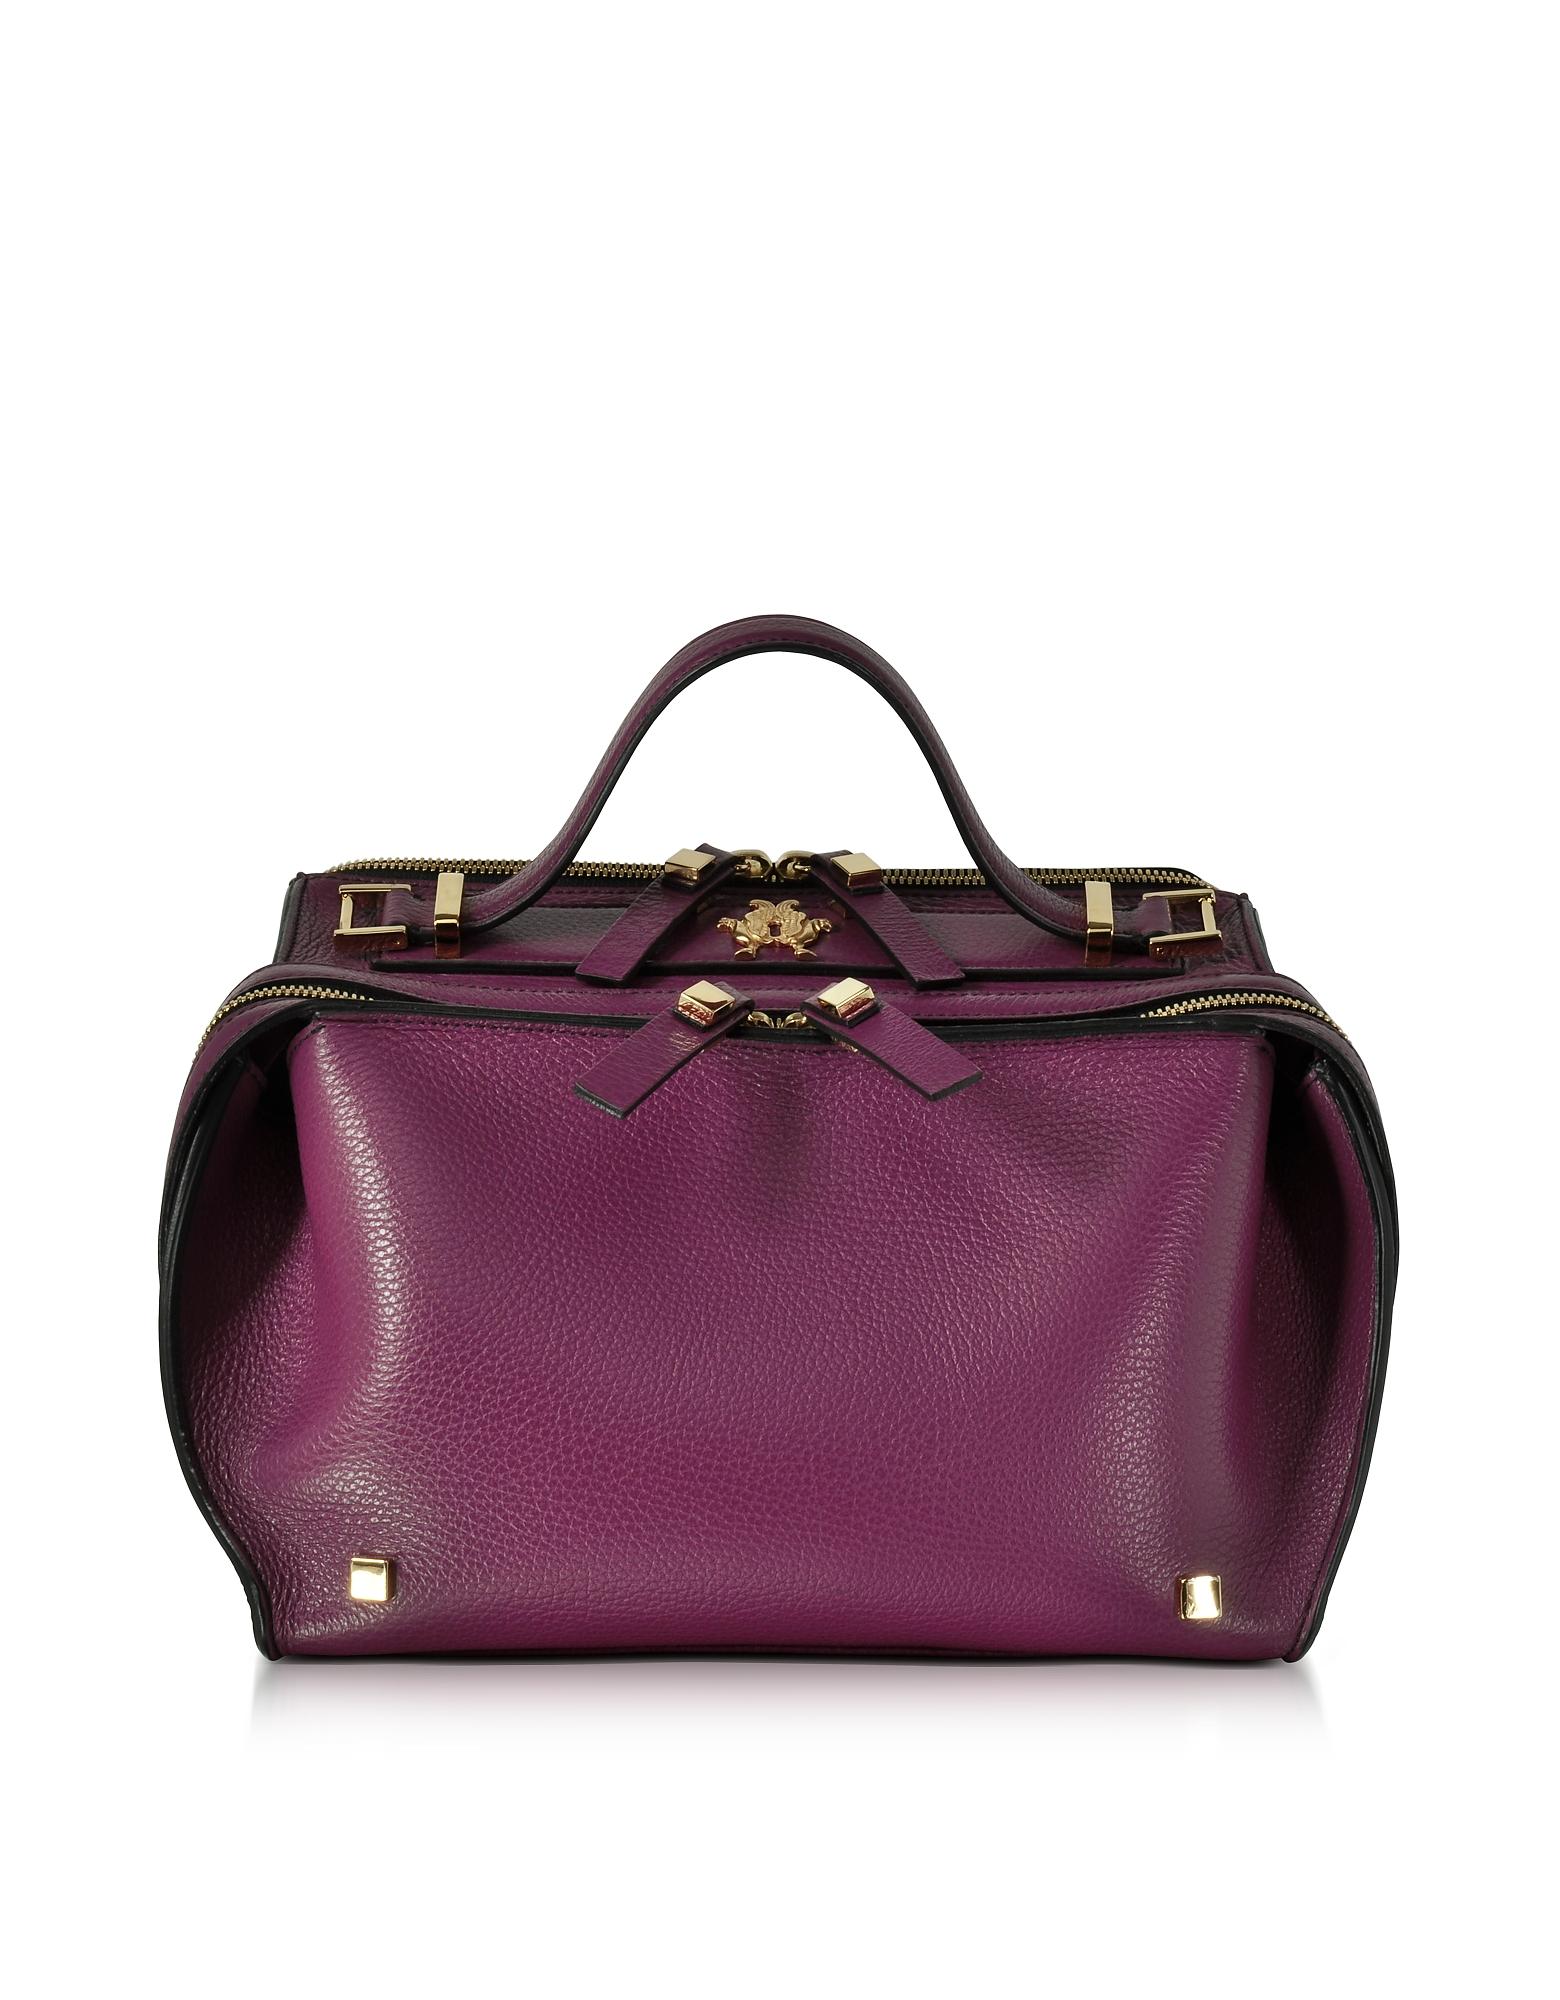 Фото Clari Bag - Фиолетовая Кожаная Сумка с Глазами. Купить с доставкой